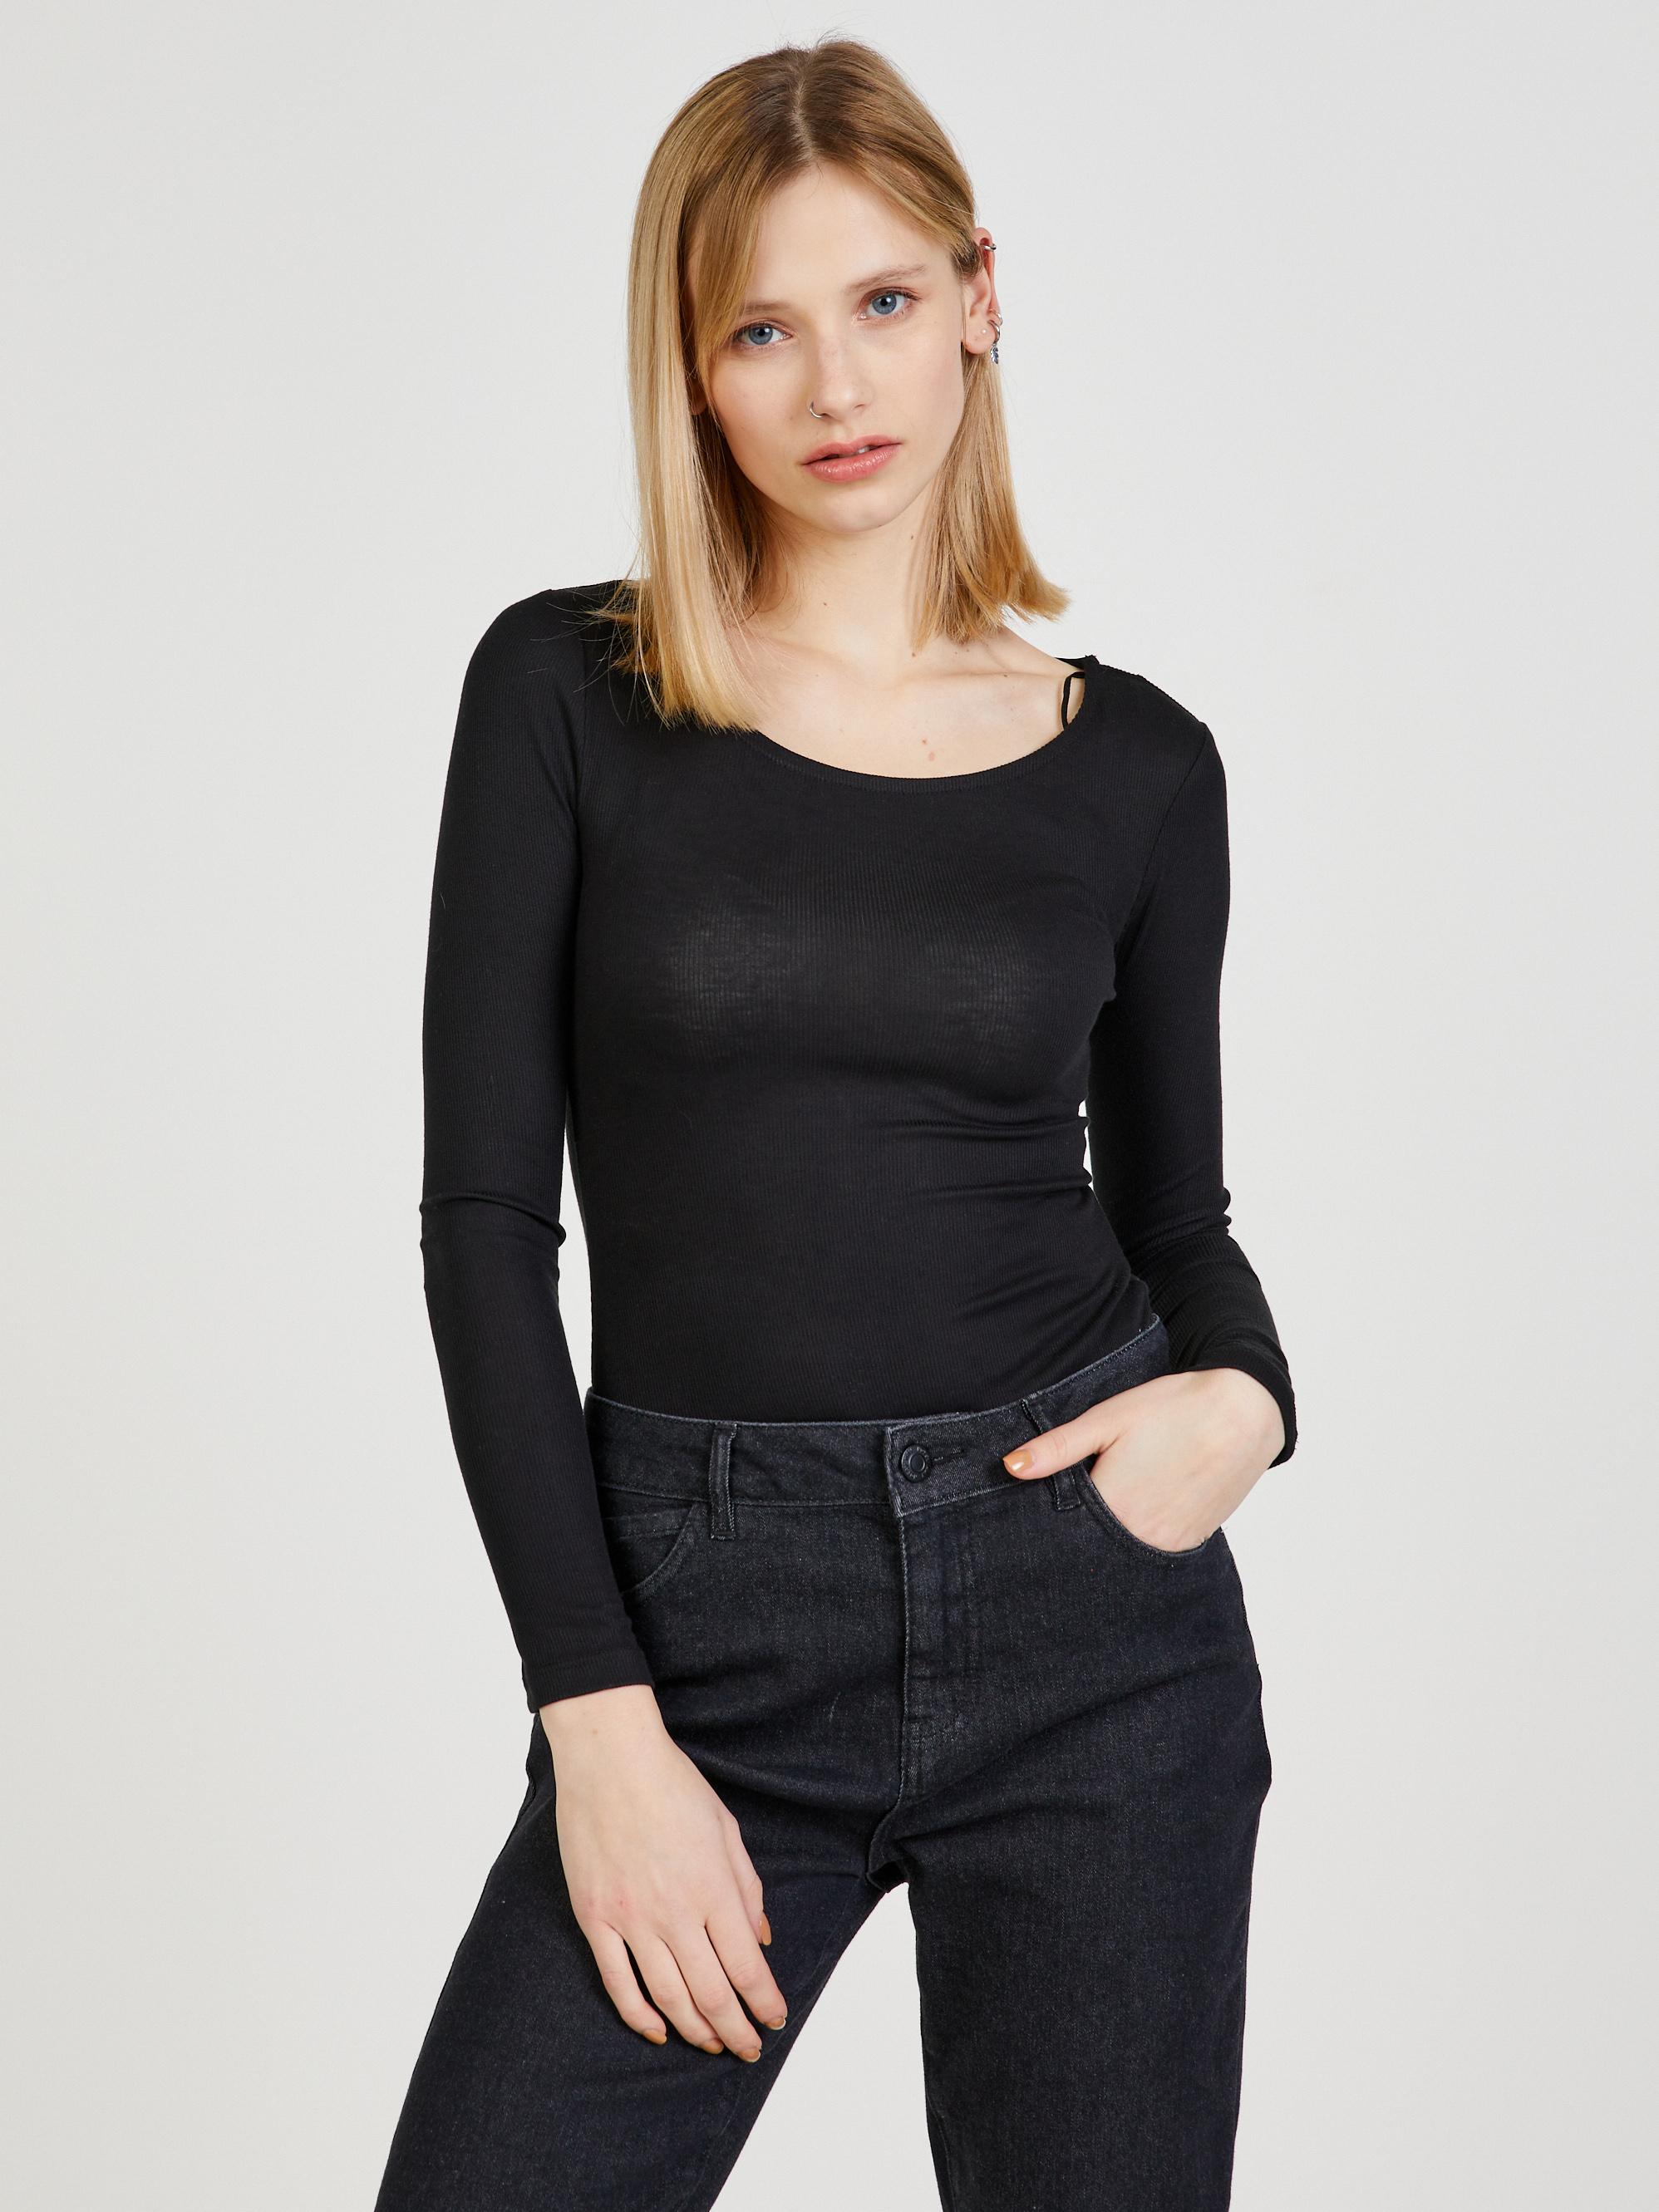 CAMAIEU black basic T-shirt